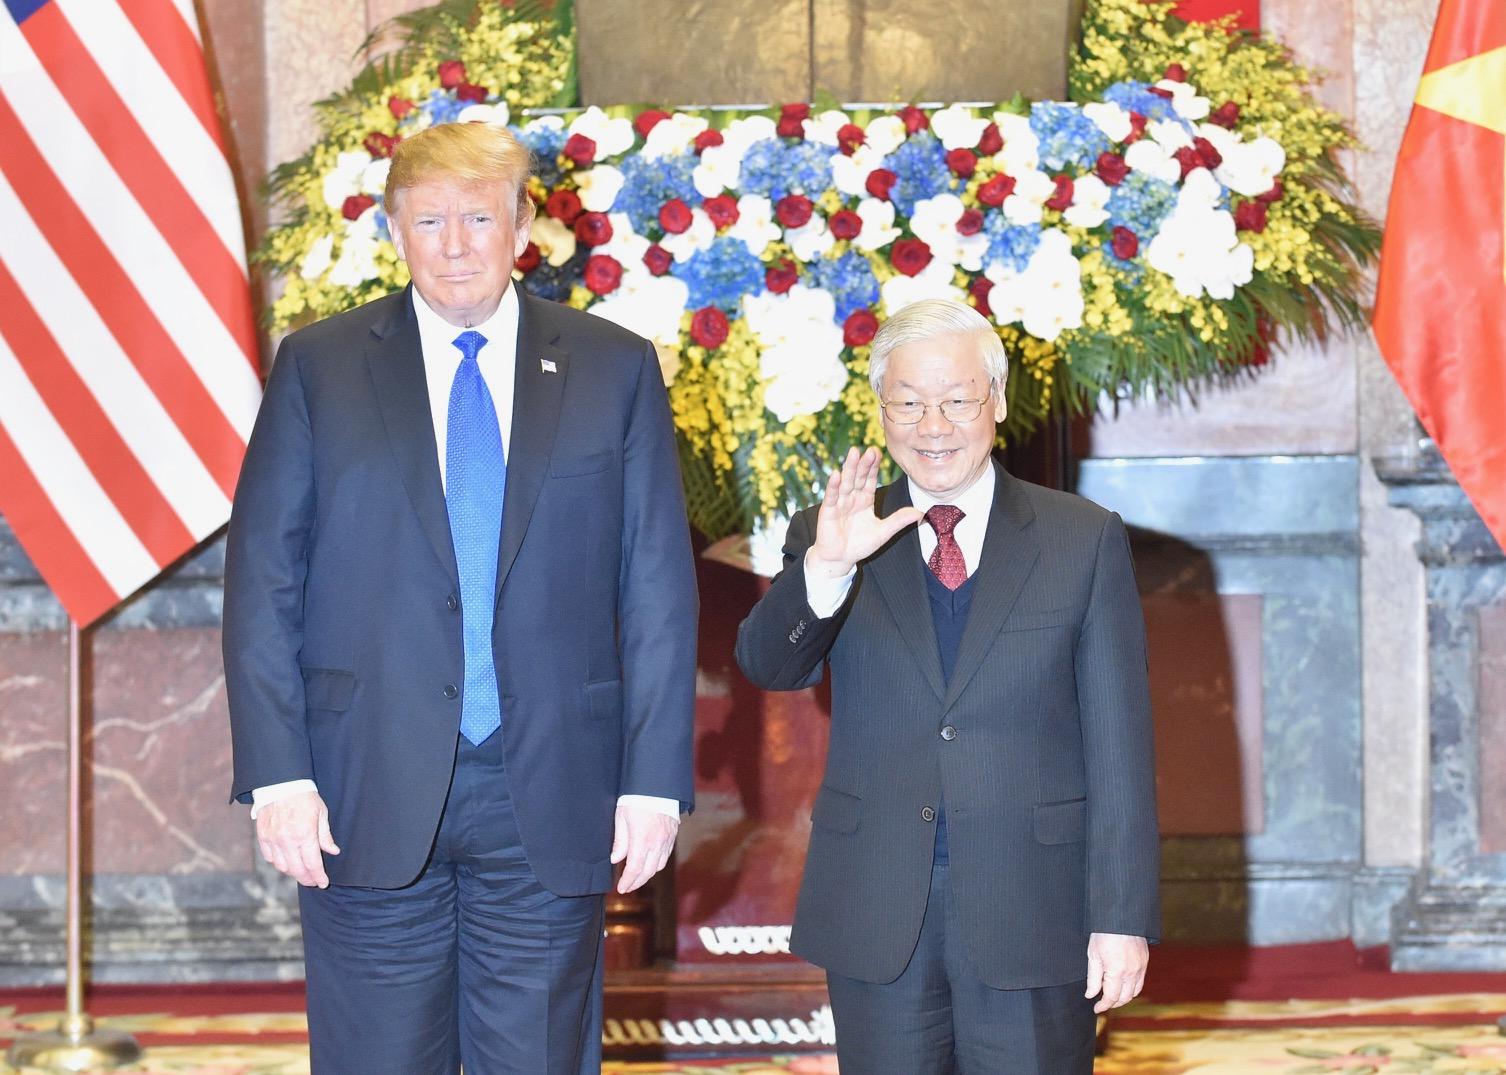 Chùm ảnh Tổng Bí thư, Chủ tịch nước Nguyễn Phú Trọng tiếp Tổng thống Donald Trump 1